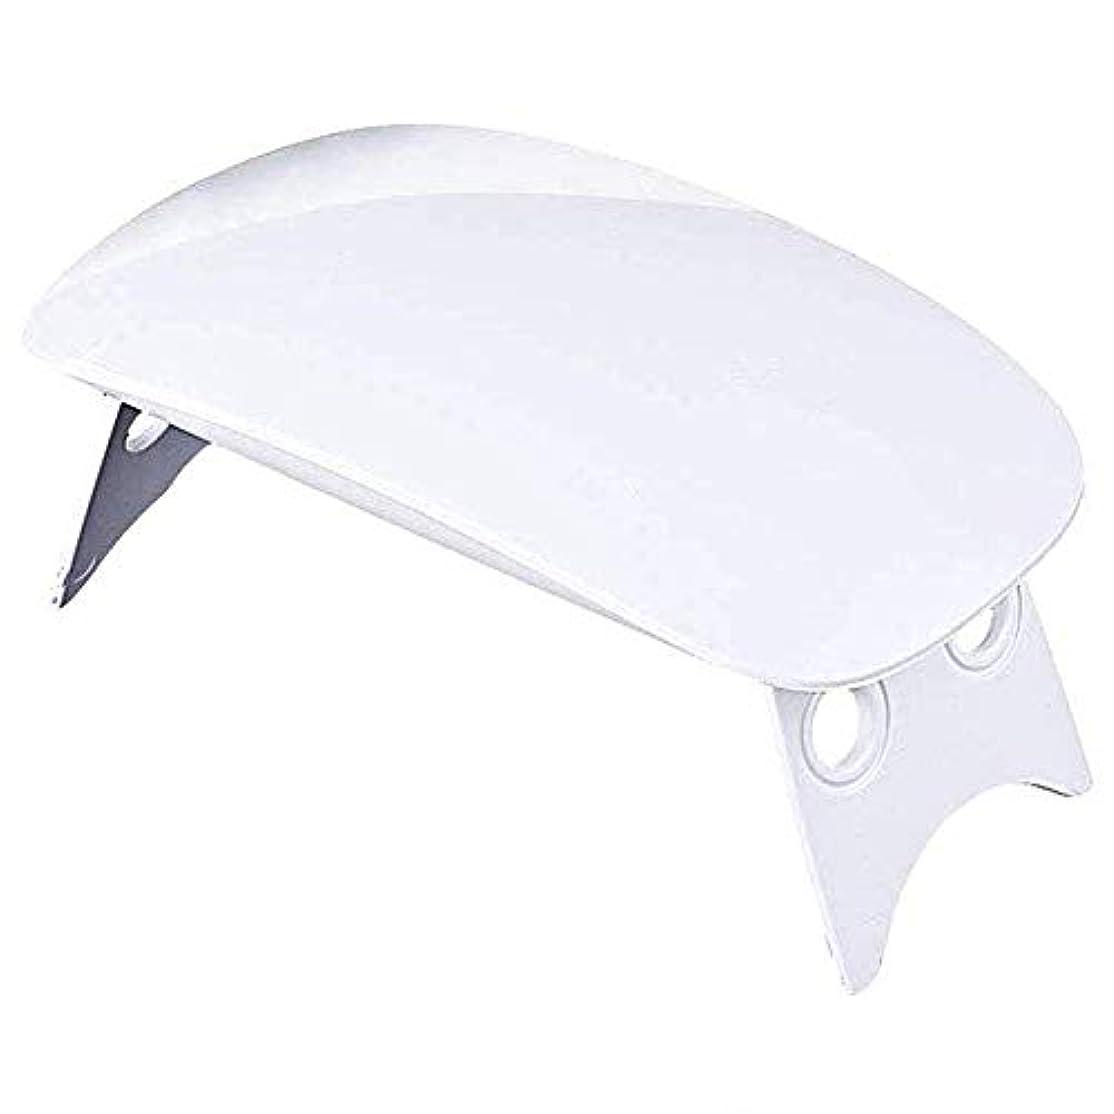 責良さ腹LEDネイルドライヤー UVライト 折りたたみ式 設定可能 タイマー ジェルネイル